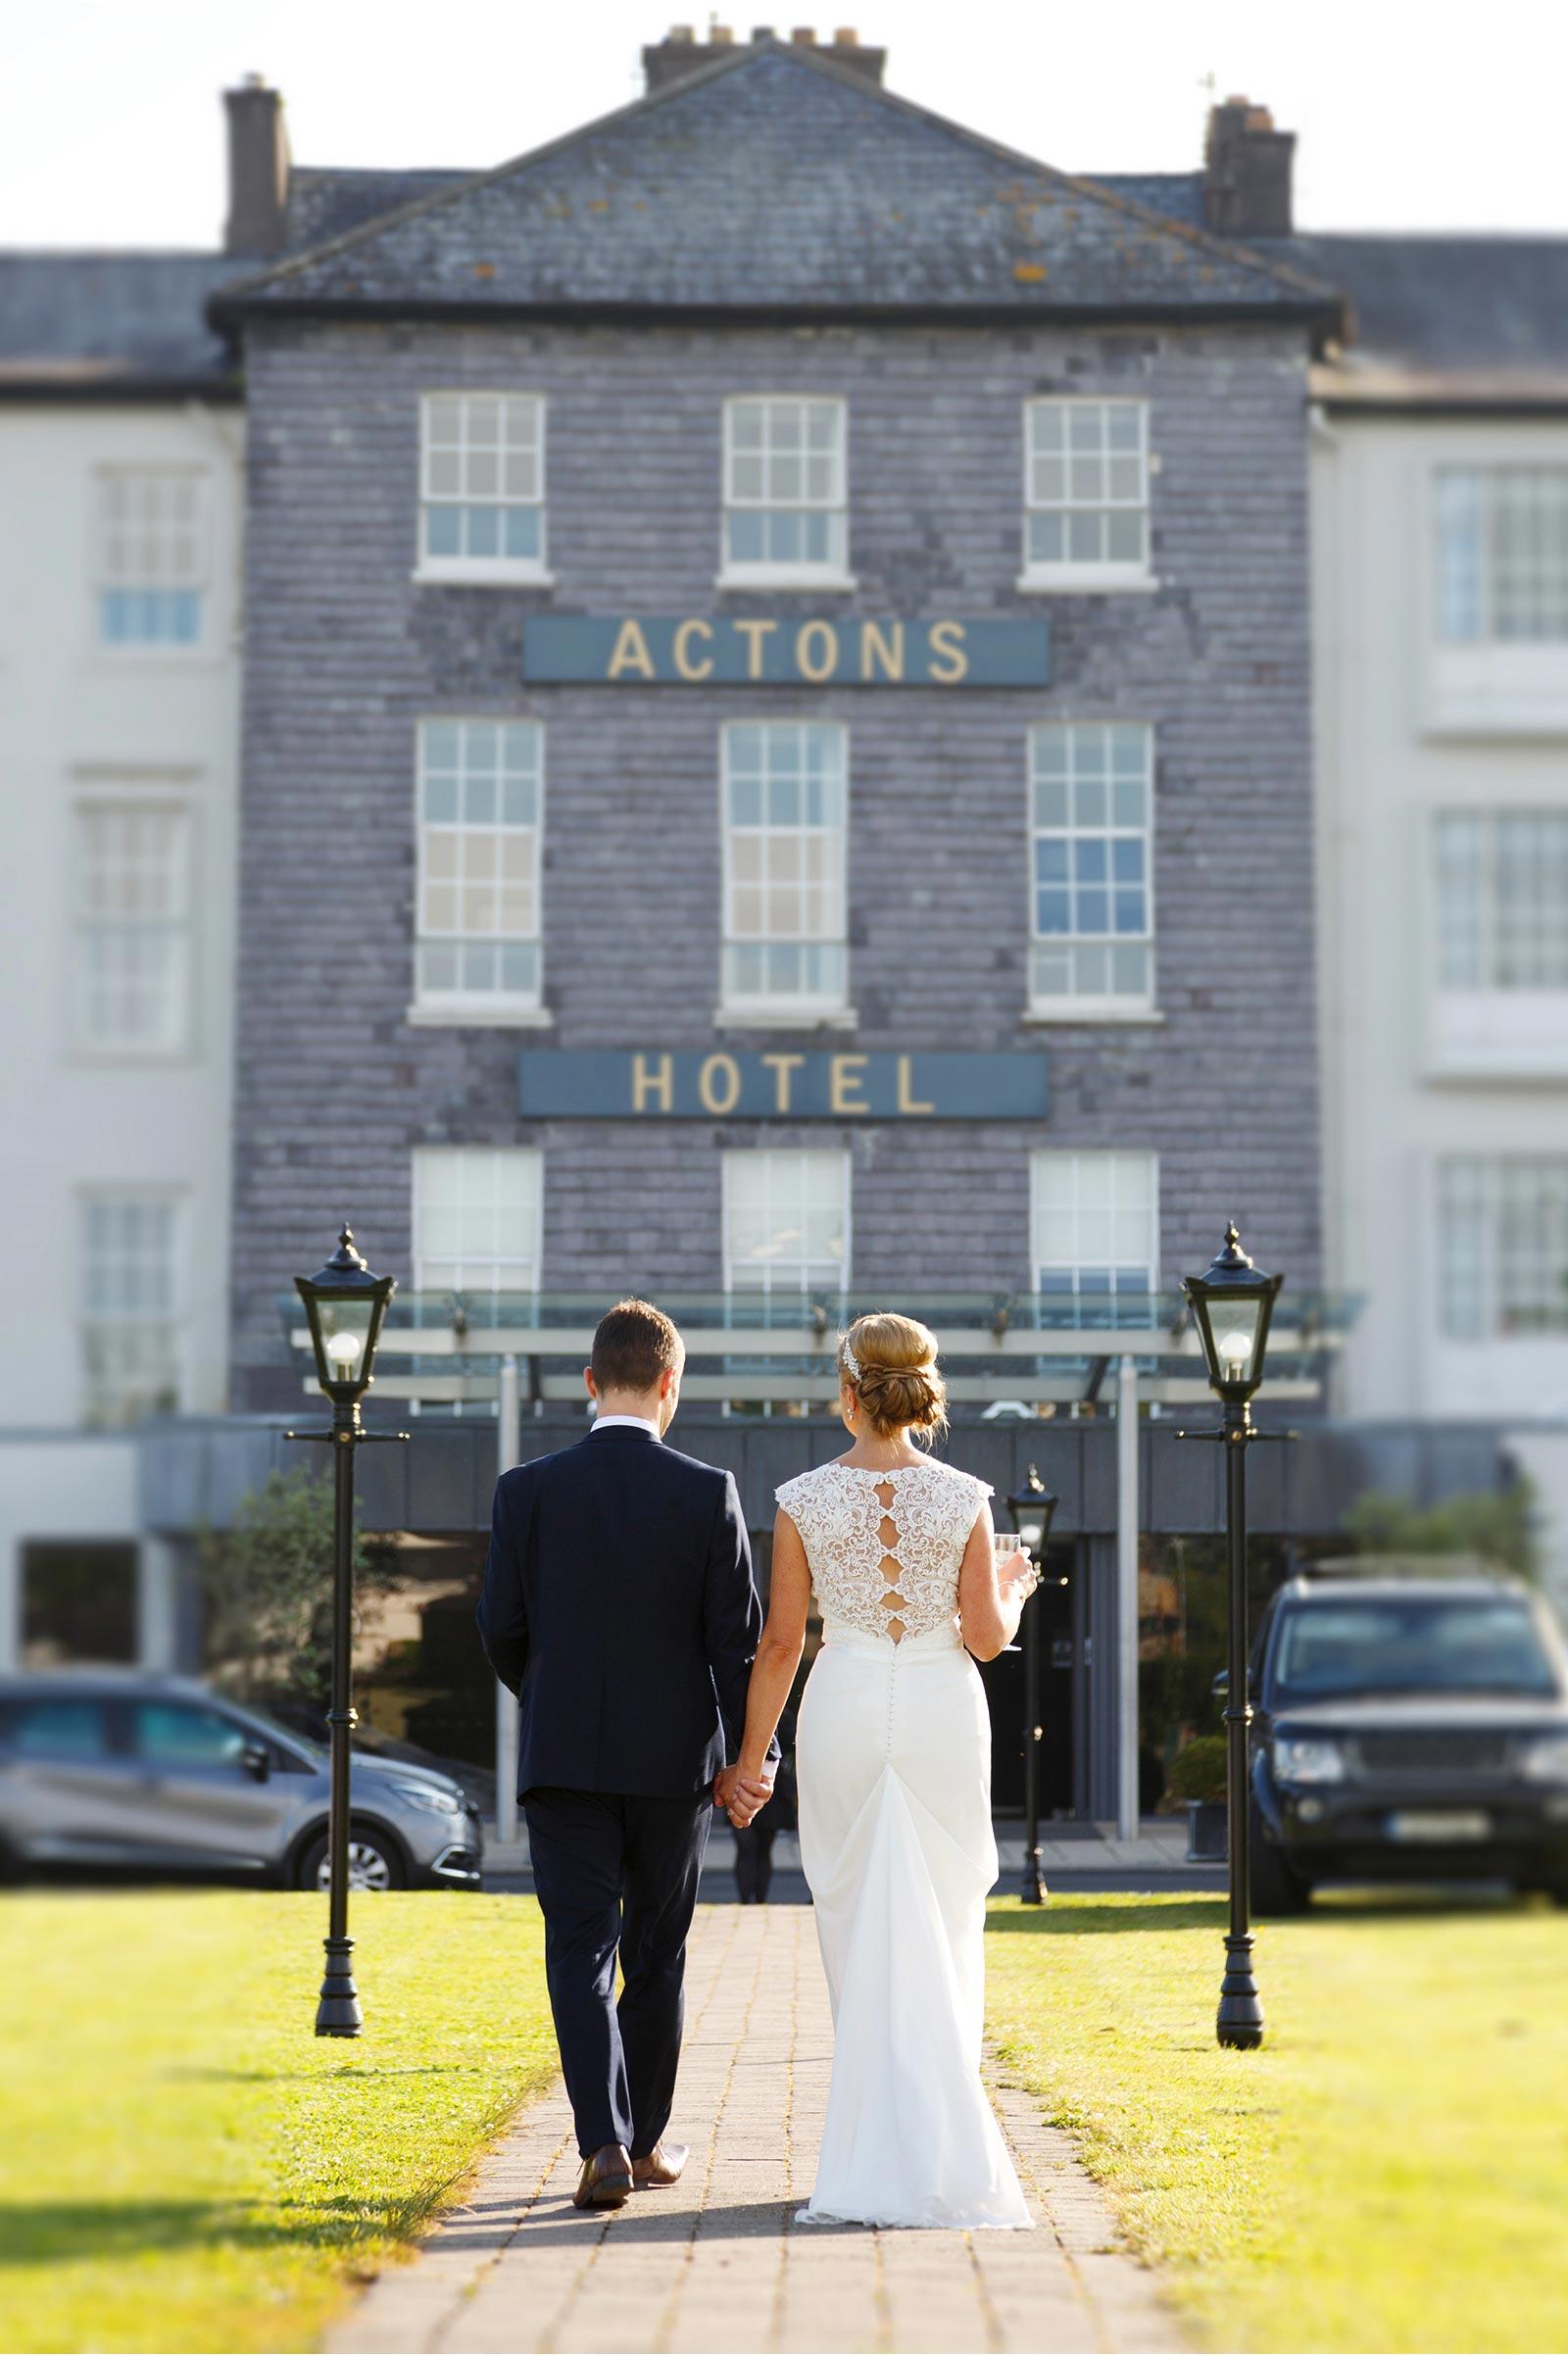 Actons Hotel Kinsale wedding venue